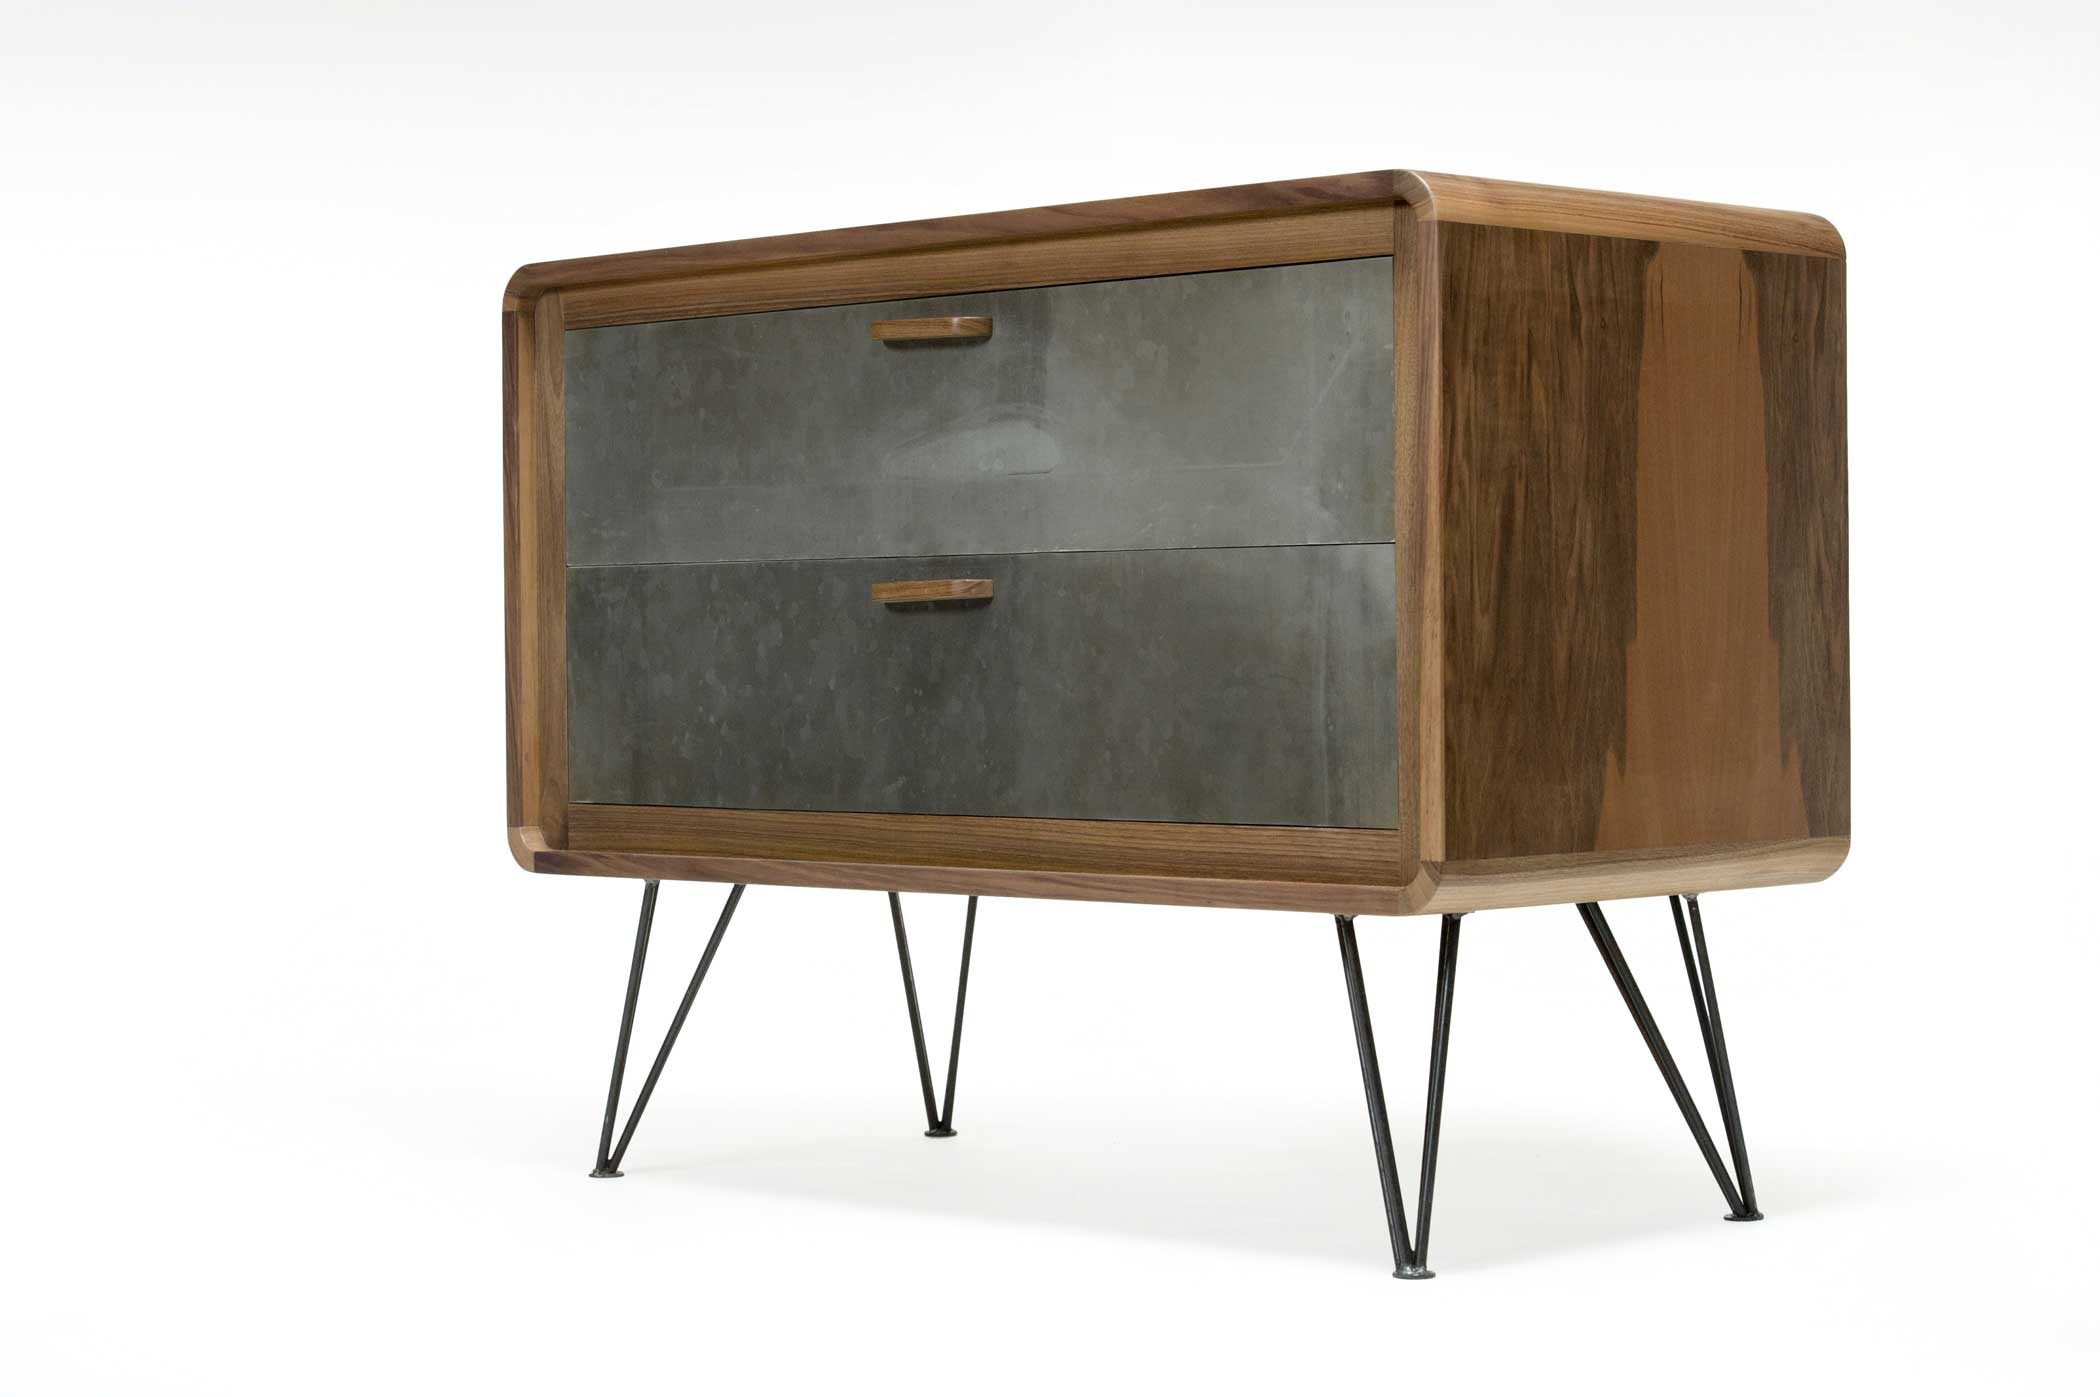 Madia dal design vintage anni 50 con struttura in noce nazionale e frontali dei cassetti e gambe in acciaio ossidato.